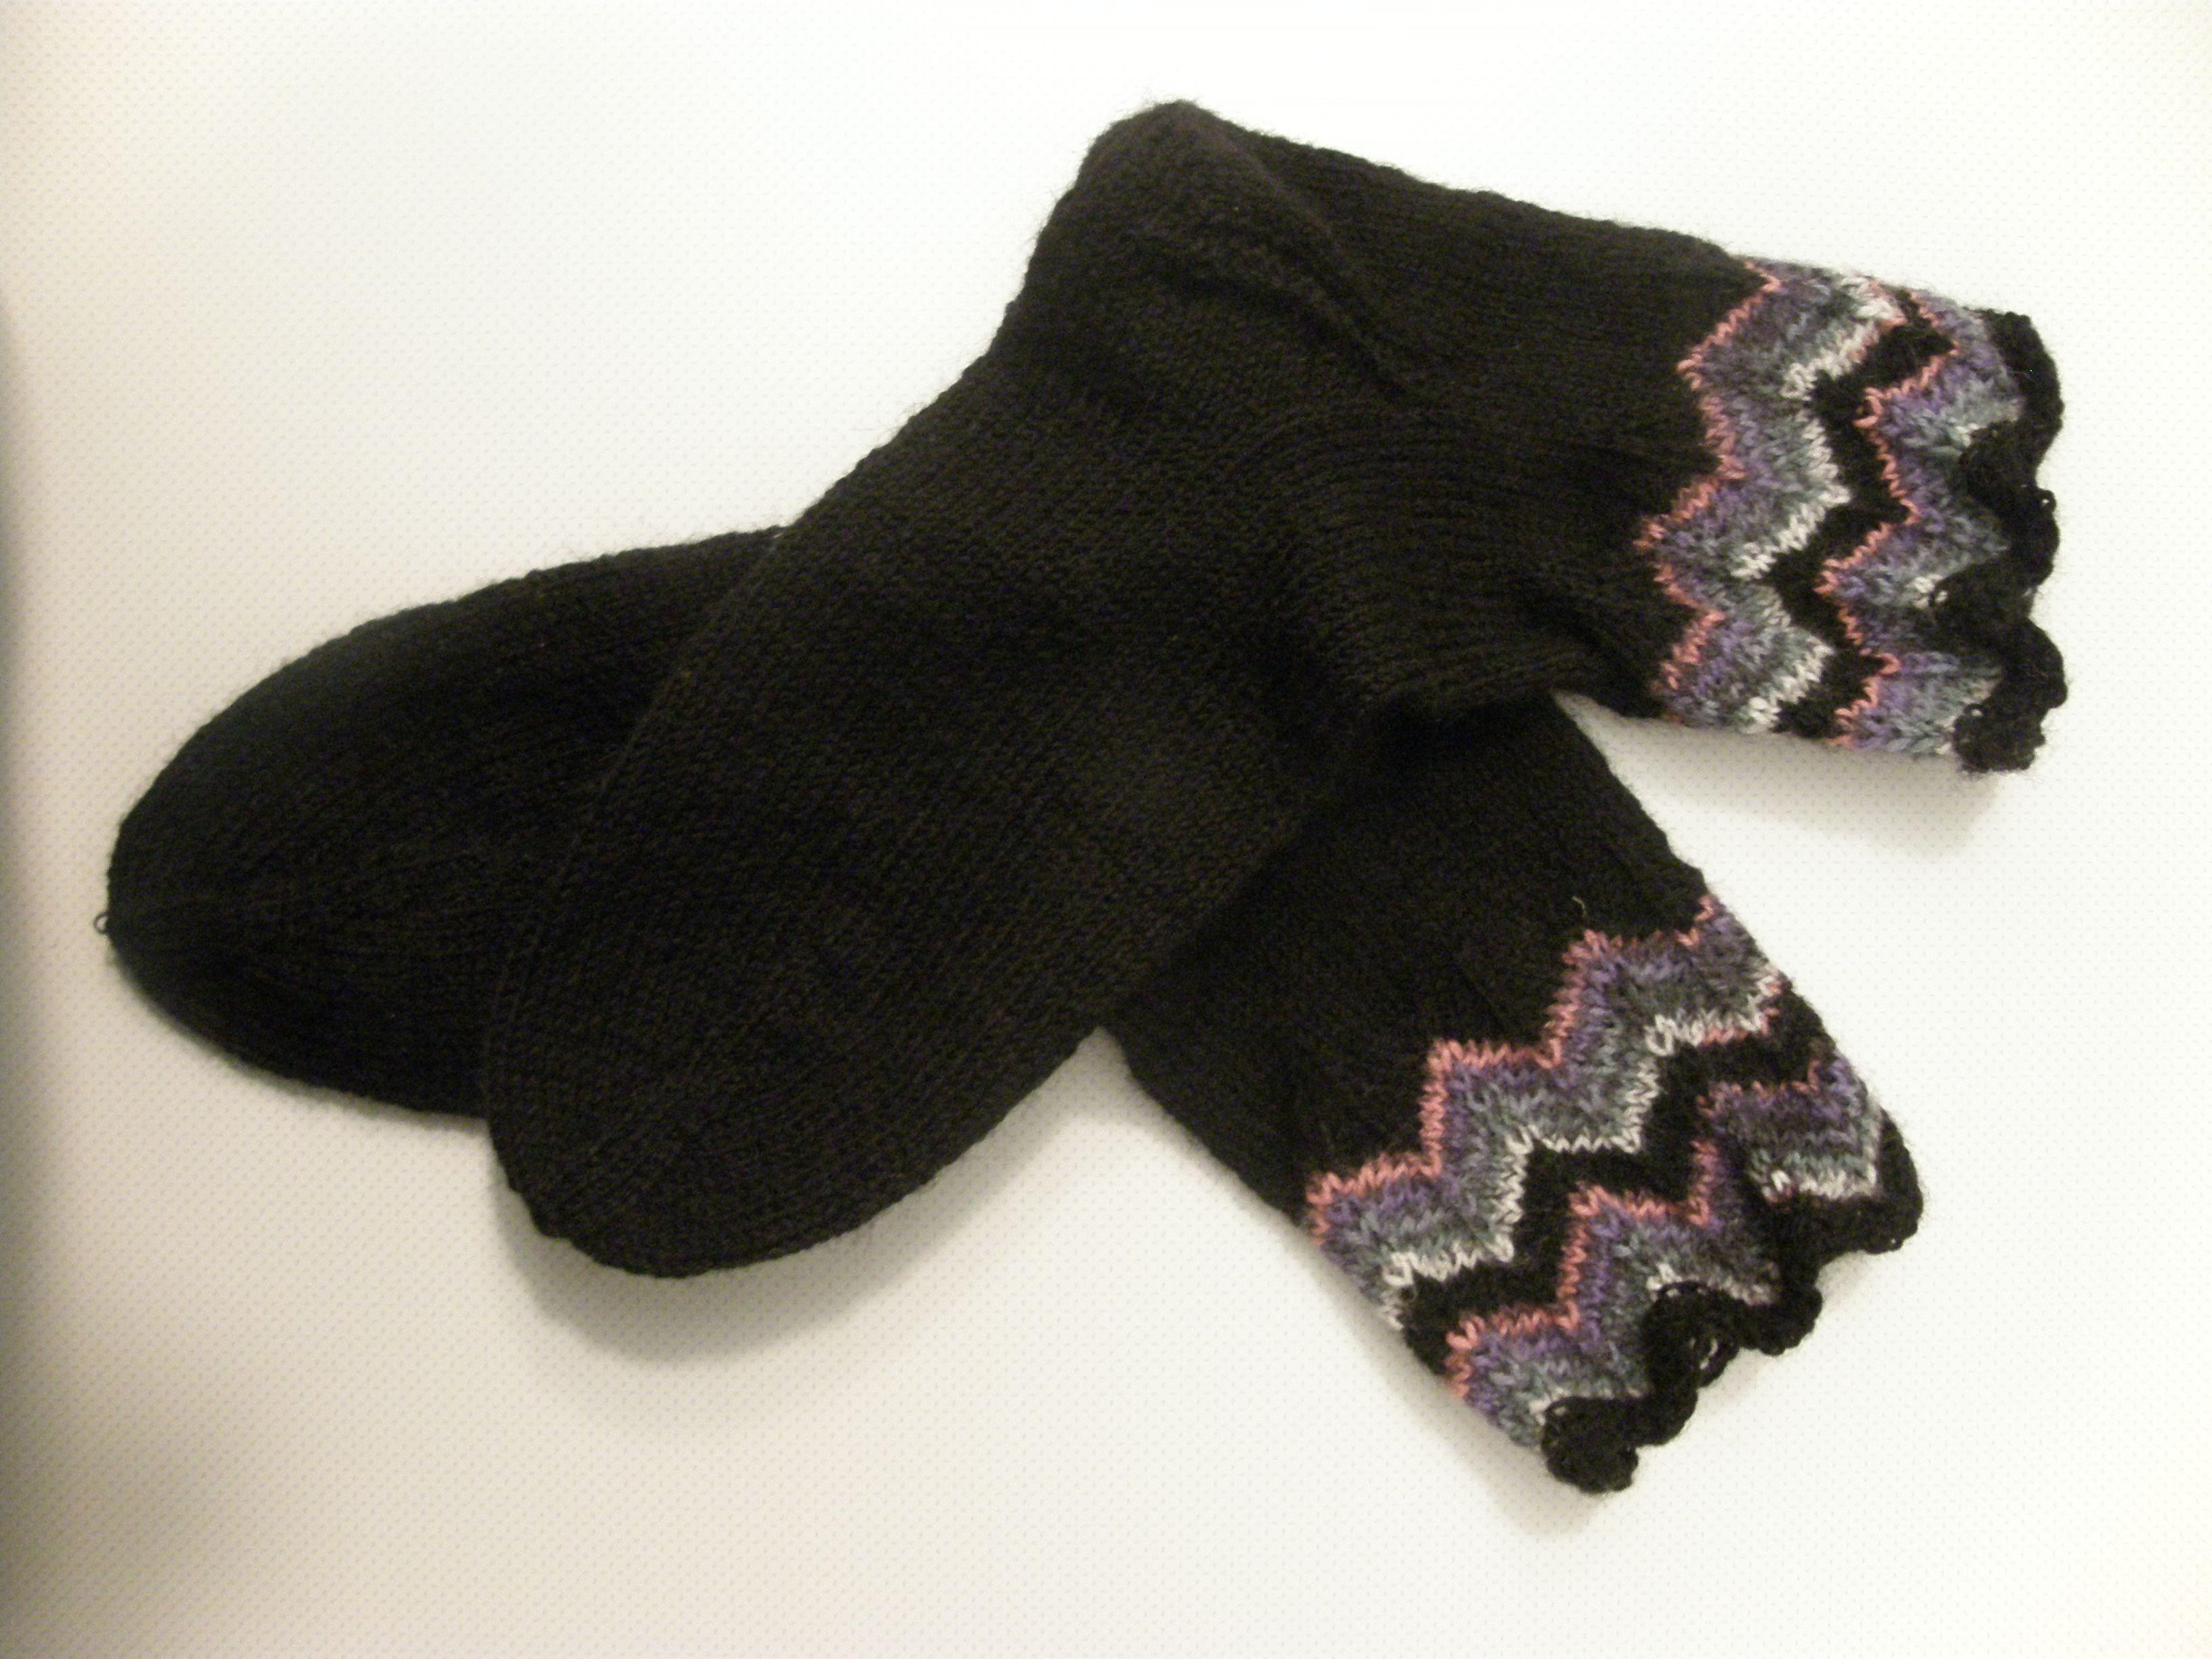 Socken mit Zackenkante - toll geeignet für Resteverwertung